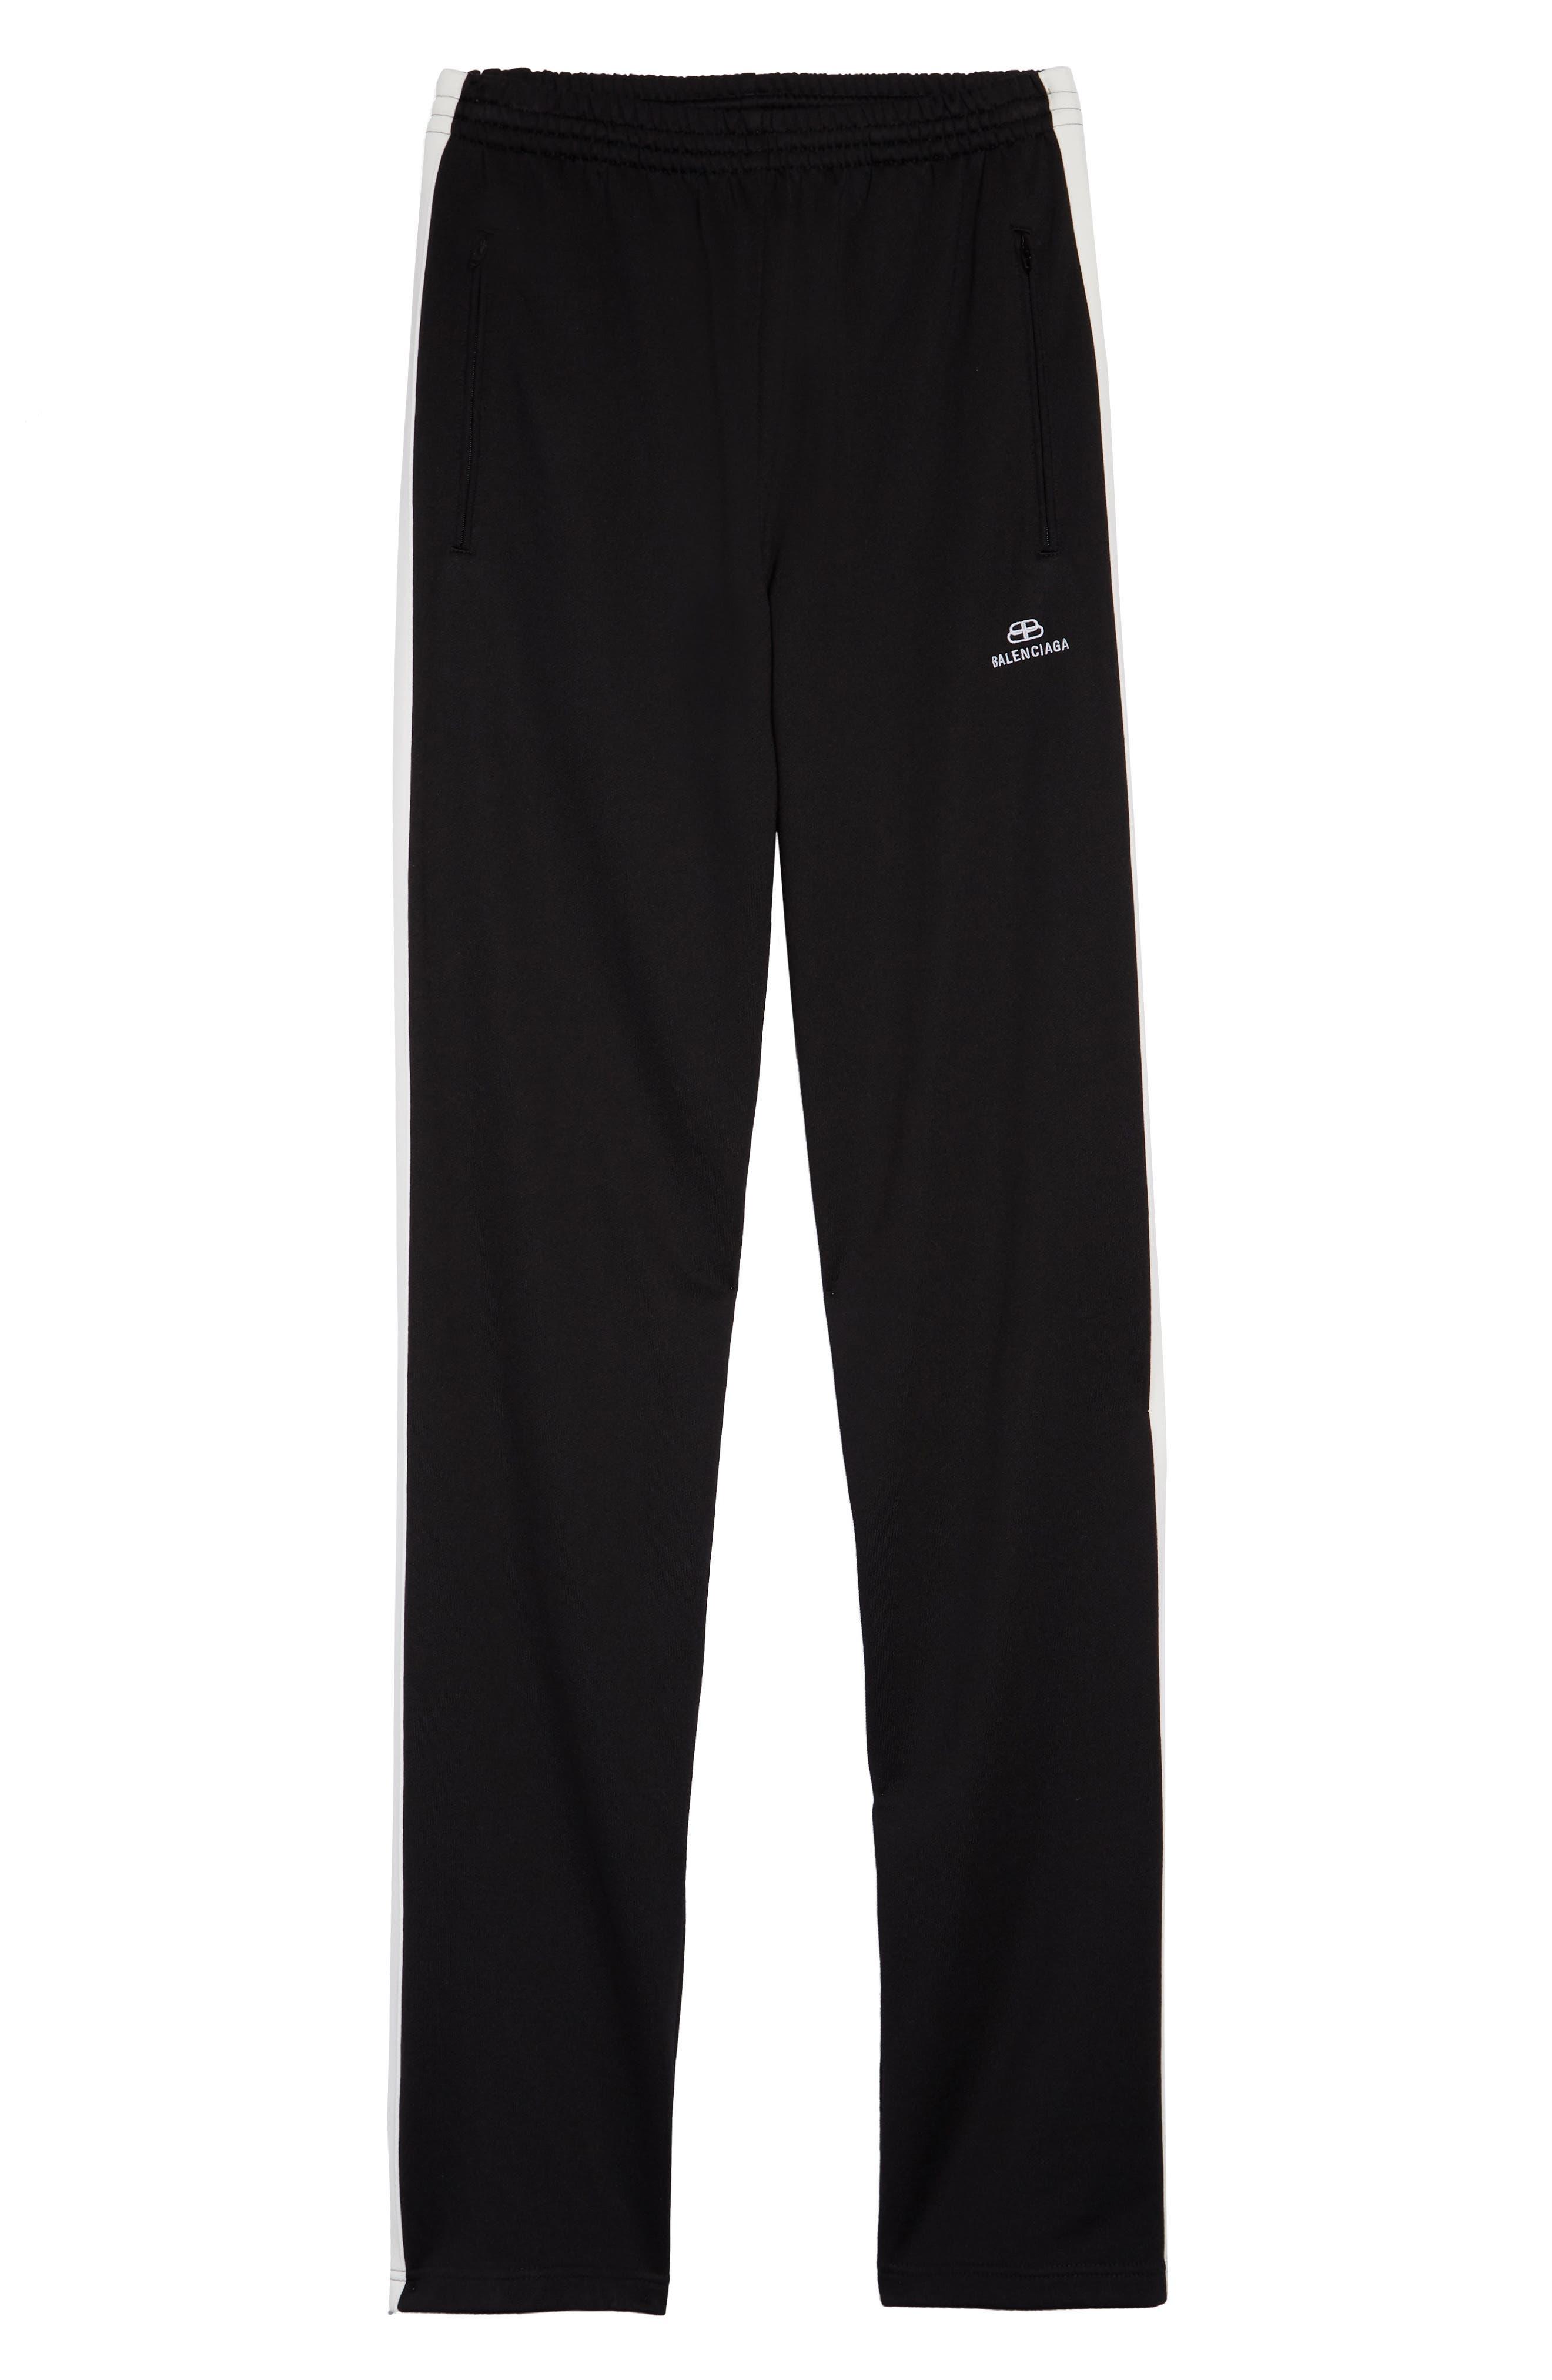 Men's Balenciaga Side Stripe Track Pants,  46 EU - Black